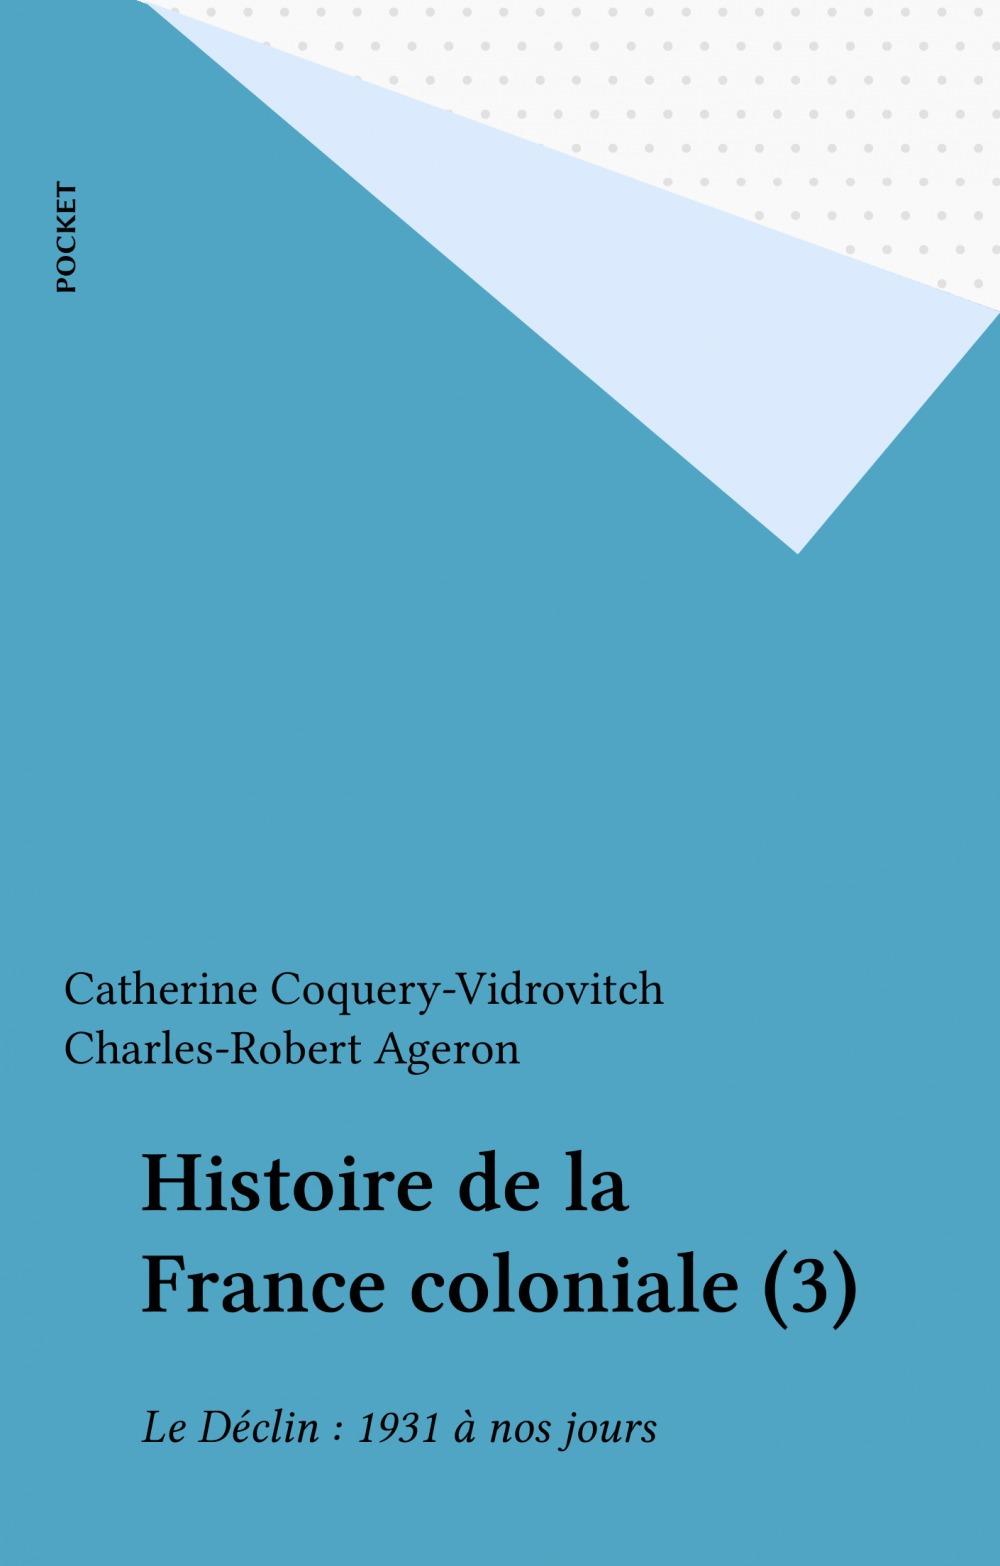 Le declin (1931 a nos jours) - tome 3 - vol03